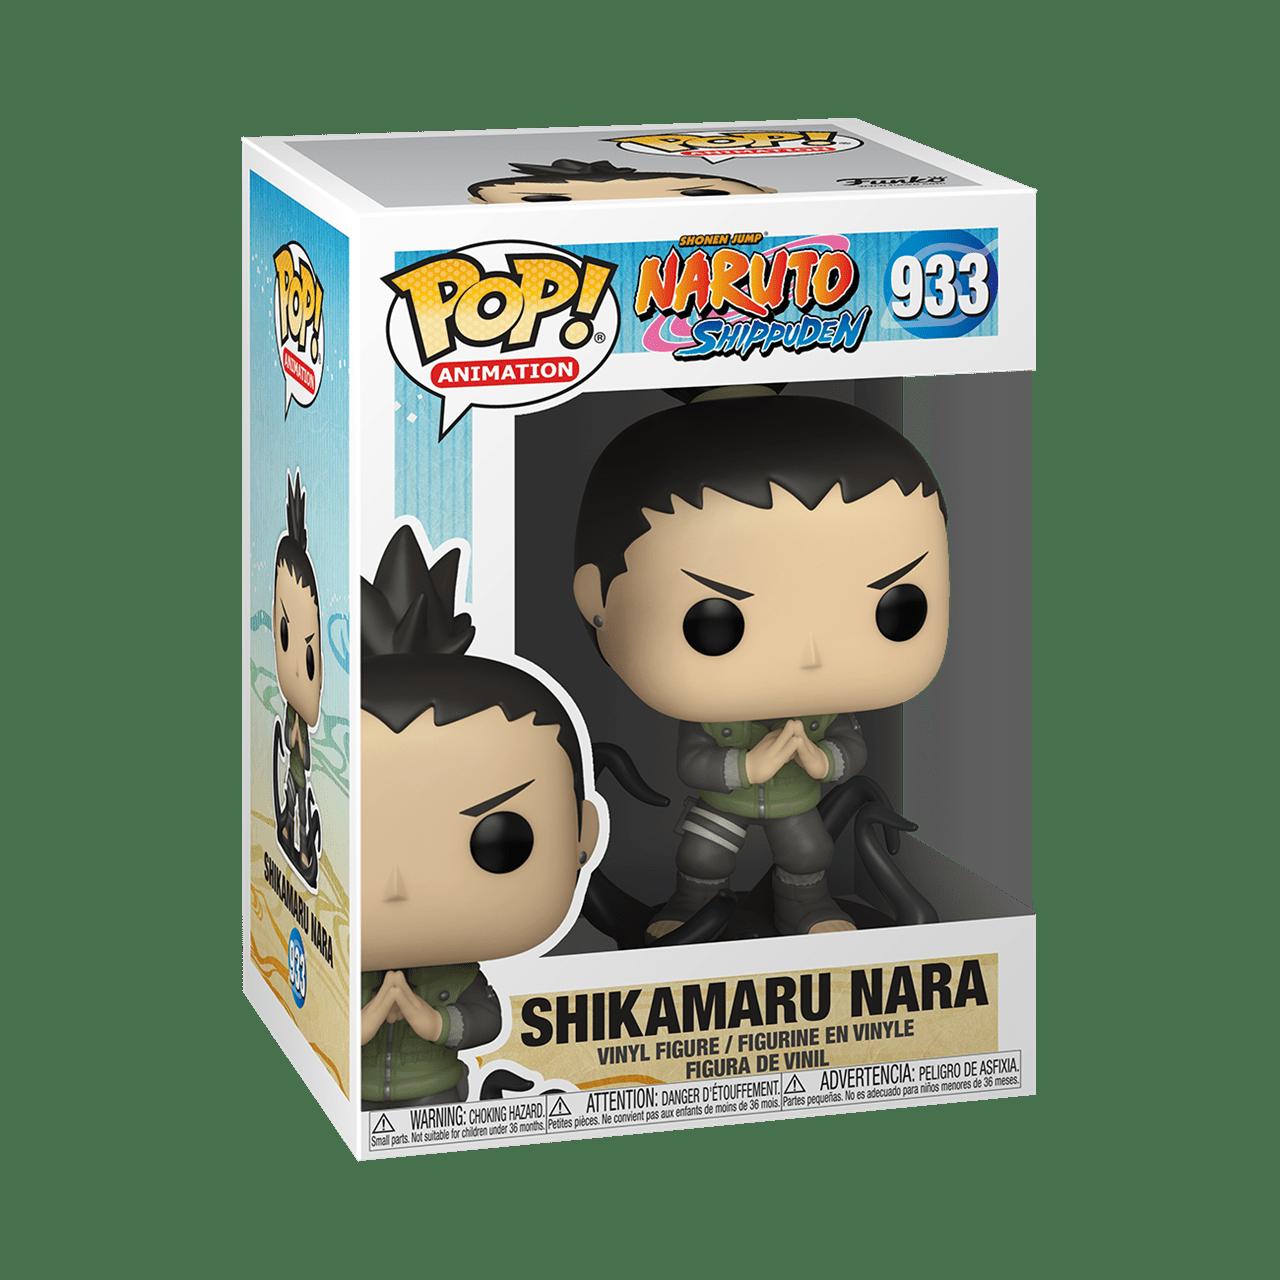 Shikamaru Nara (933) Naruto Pop Vinyl - 2